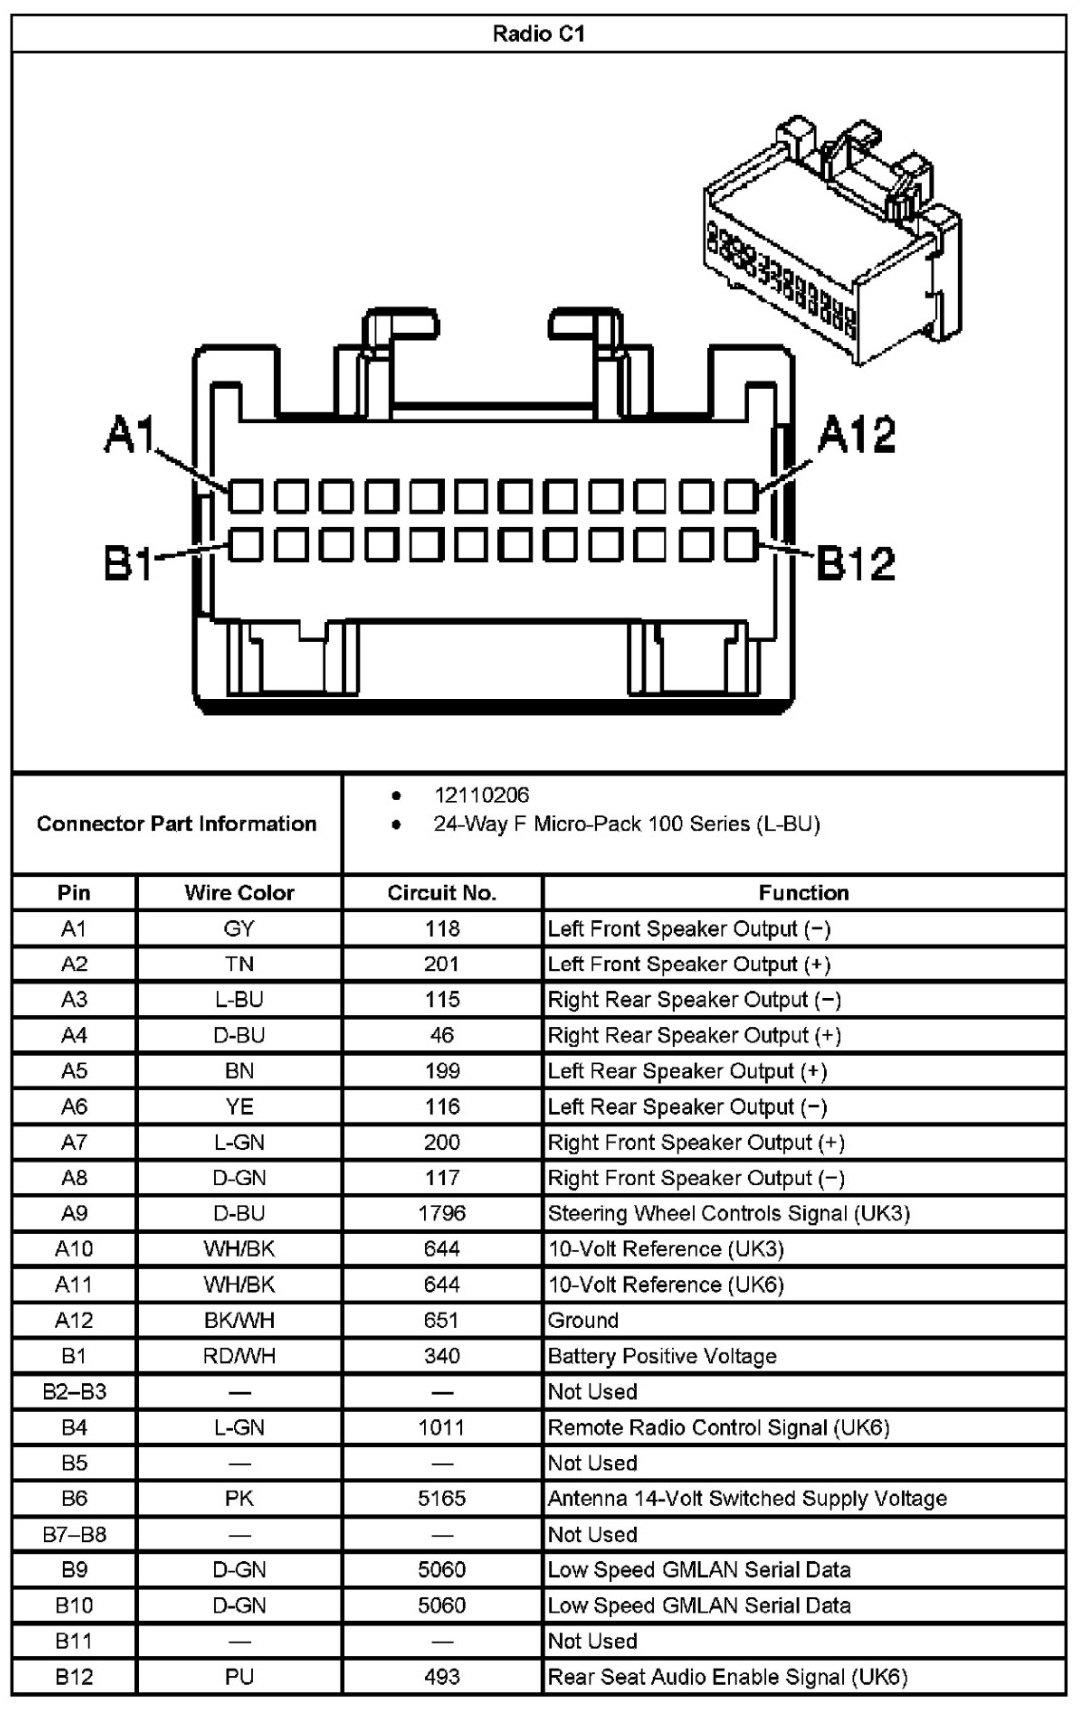 2011-malibu-stereo-delphi-wiring-diagram Radio Wiring Diagram For Malibu on ford expedition, ford explorer, pontiac grand prix, bmw e36, gm delco, ford mustang, ford f250, delco electronics, delco car,